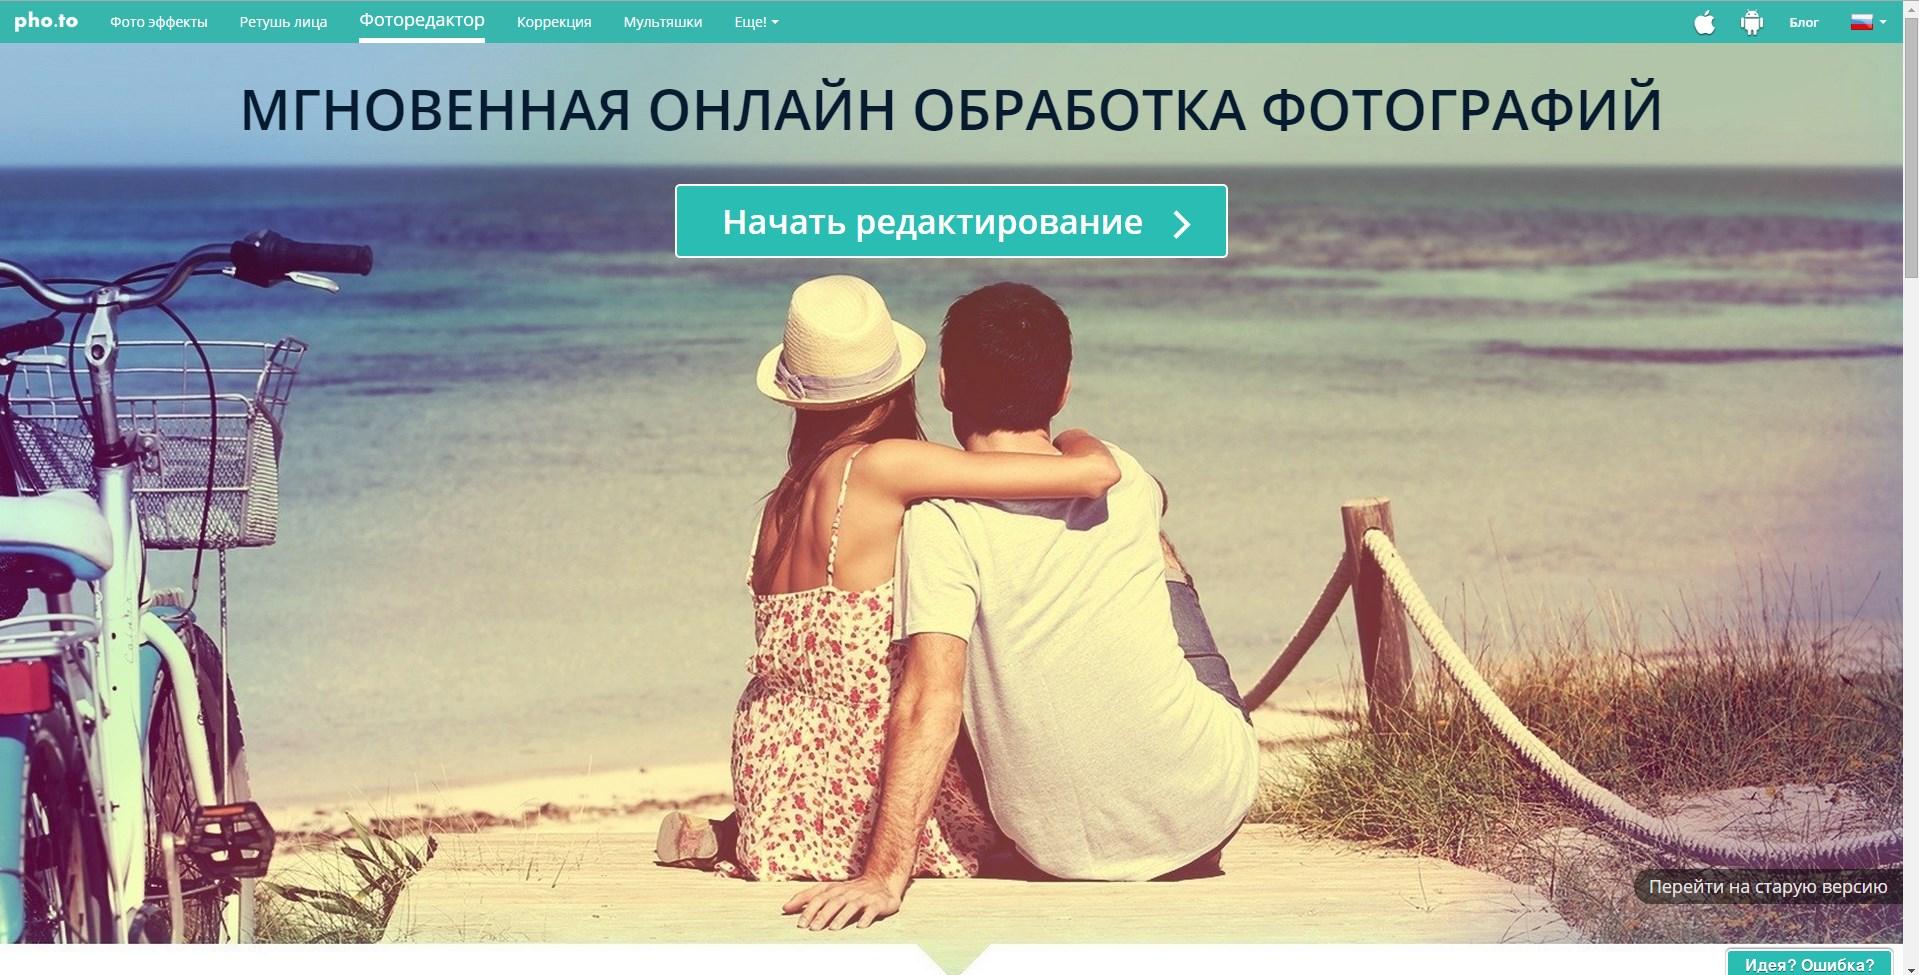 Для начала работы нужно просто зайти в ...: www.vgtk.ru/internet/113-onlayn-redaktor-fotografiy-photo.html